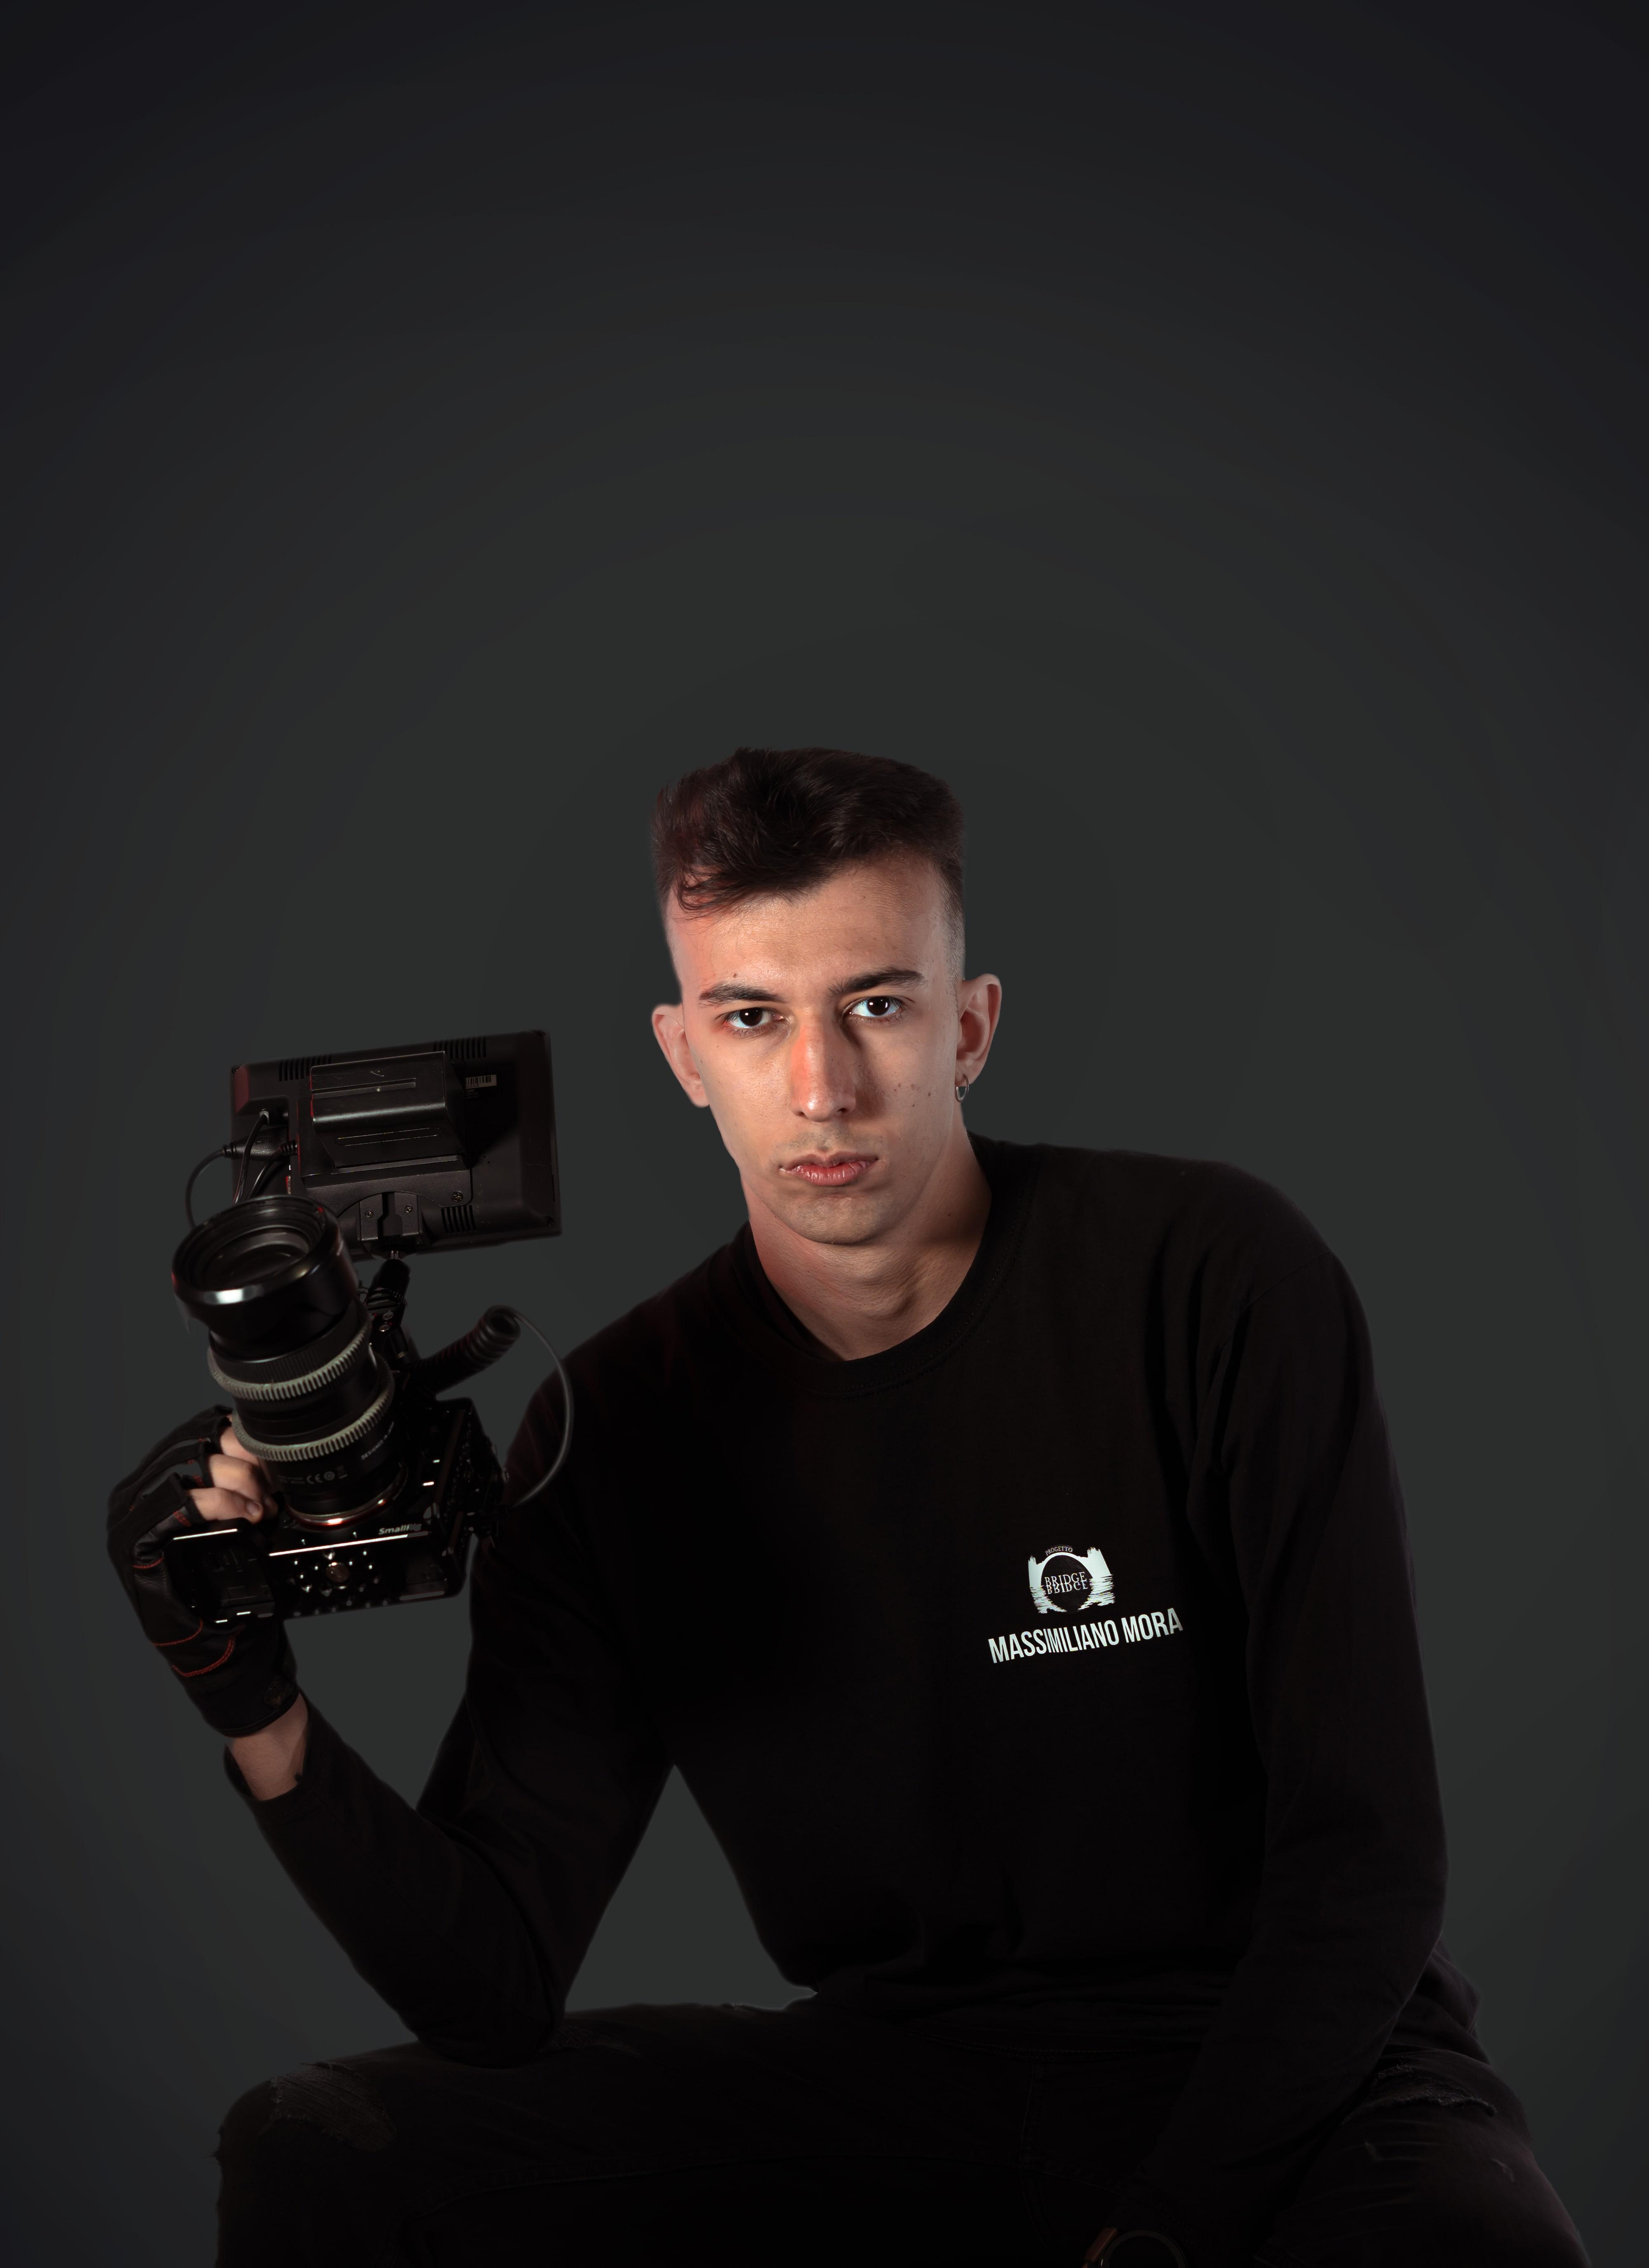 Massimiliano Mora Immagine Profilo